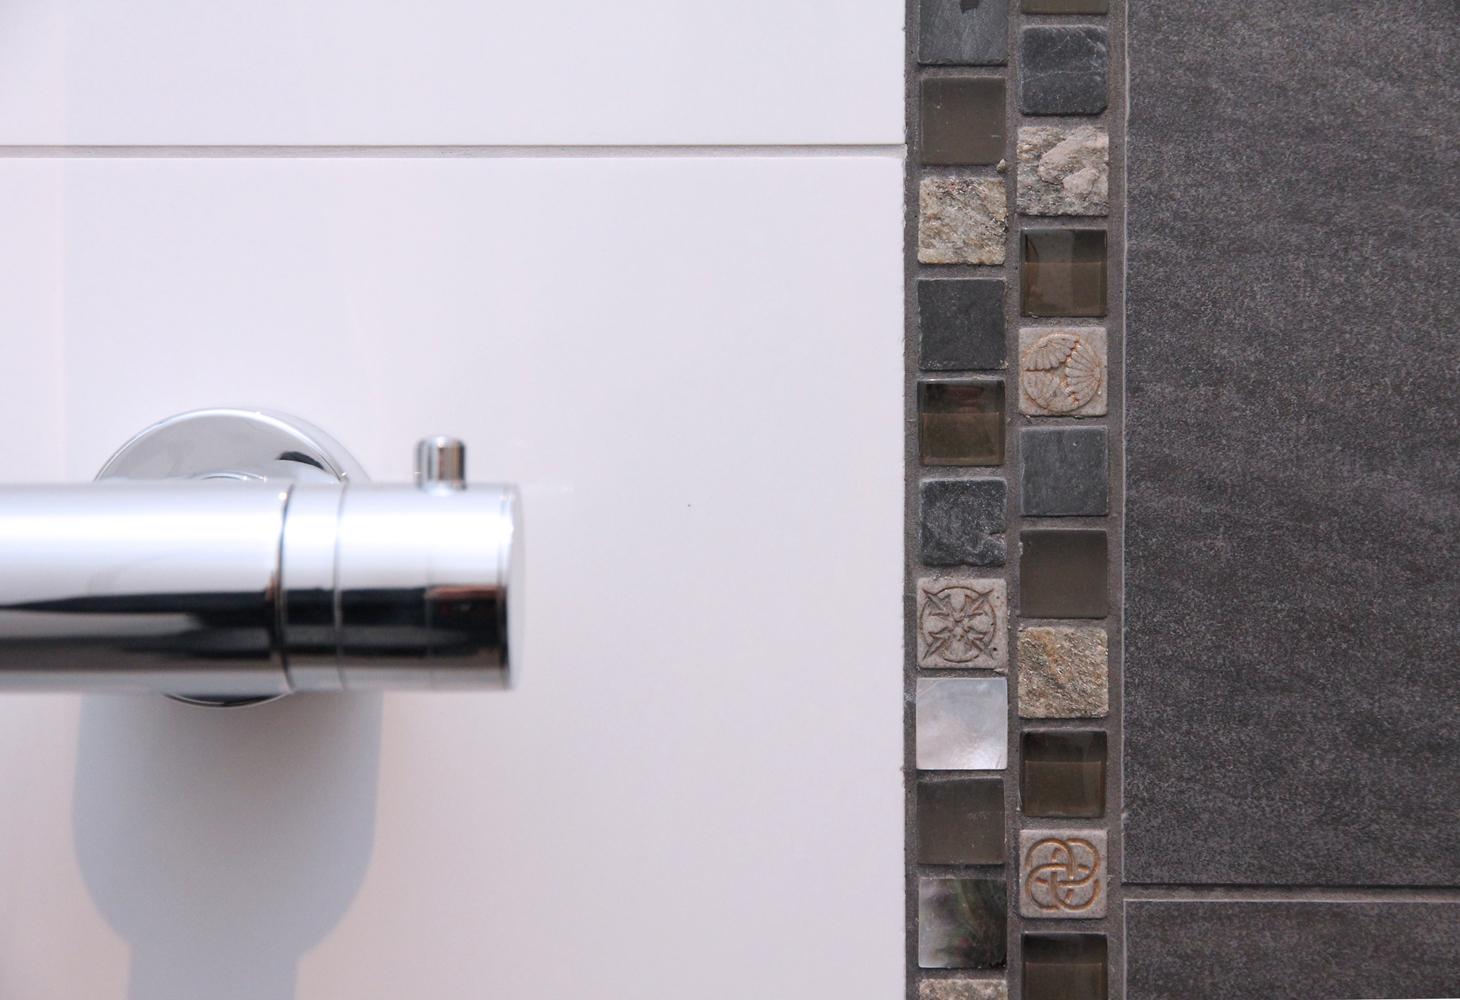 Kleine Mosaikstreifen als verspielte Elemente beleben das Design.